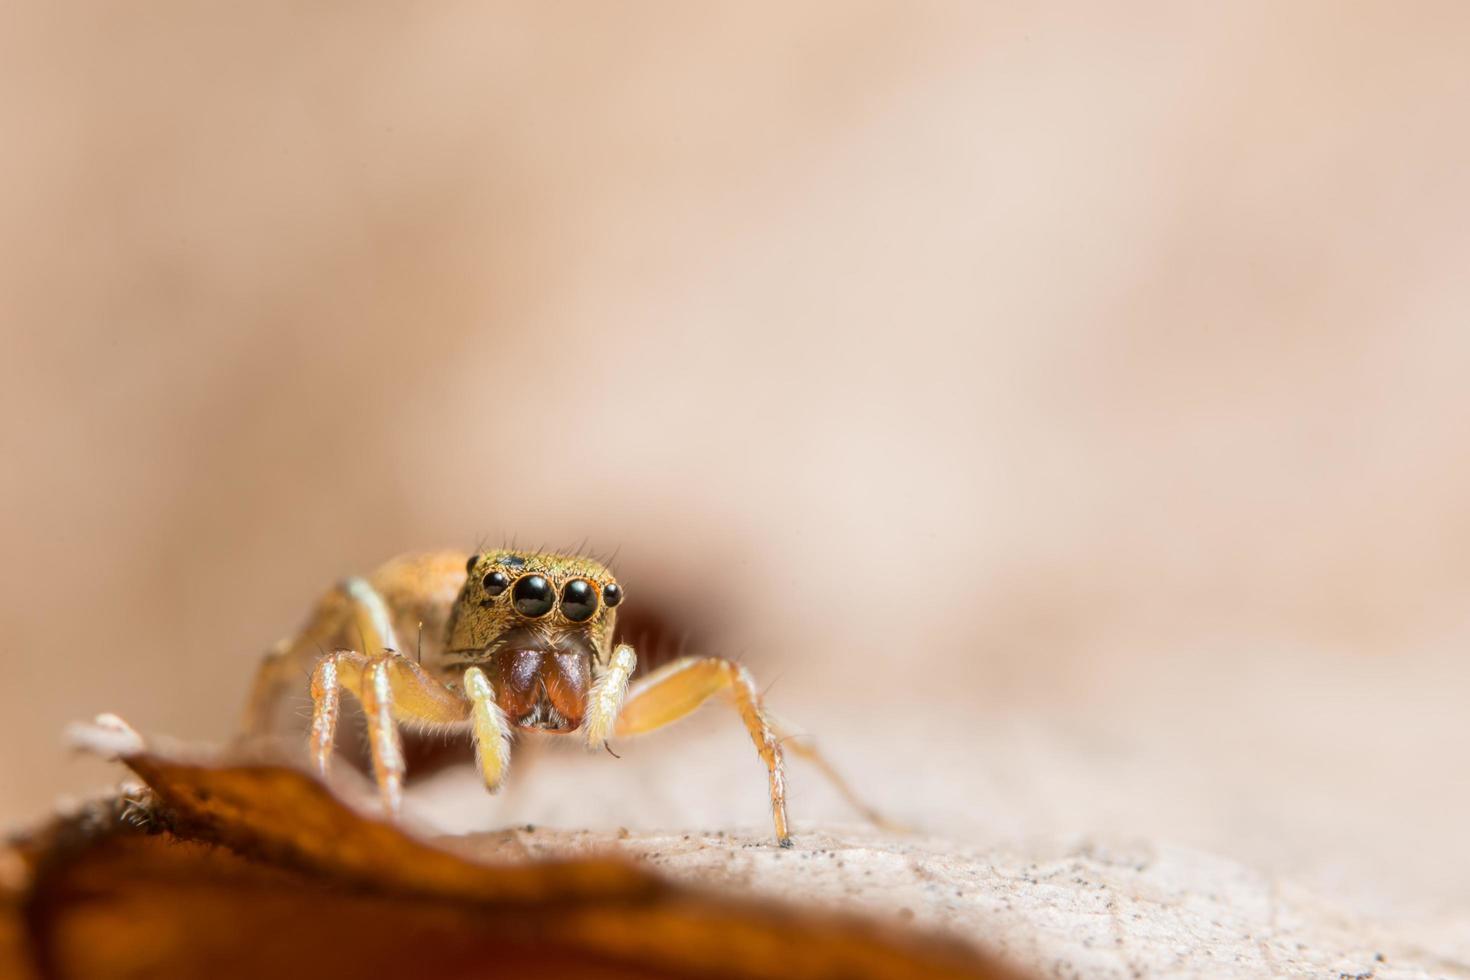 araignée sur une feuille, gros plan photo